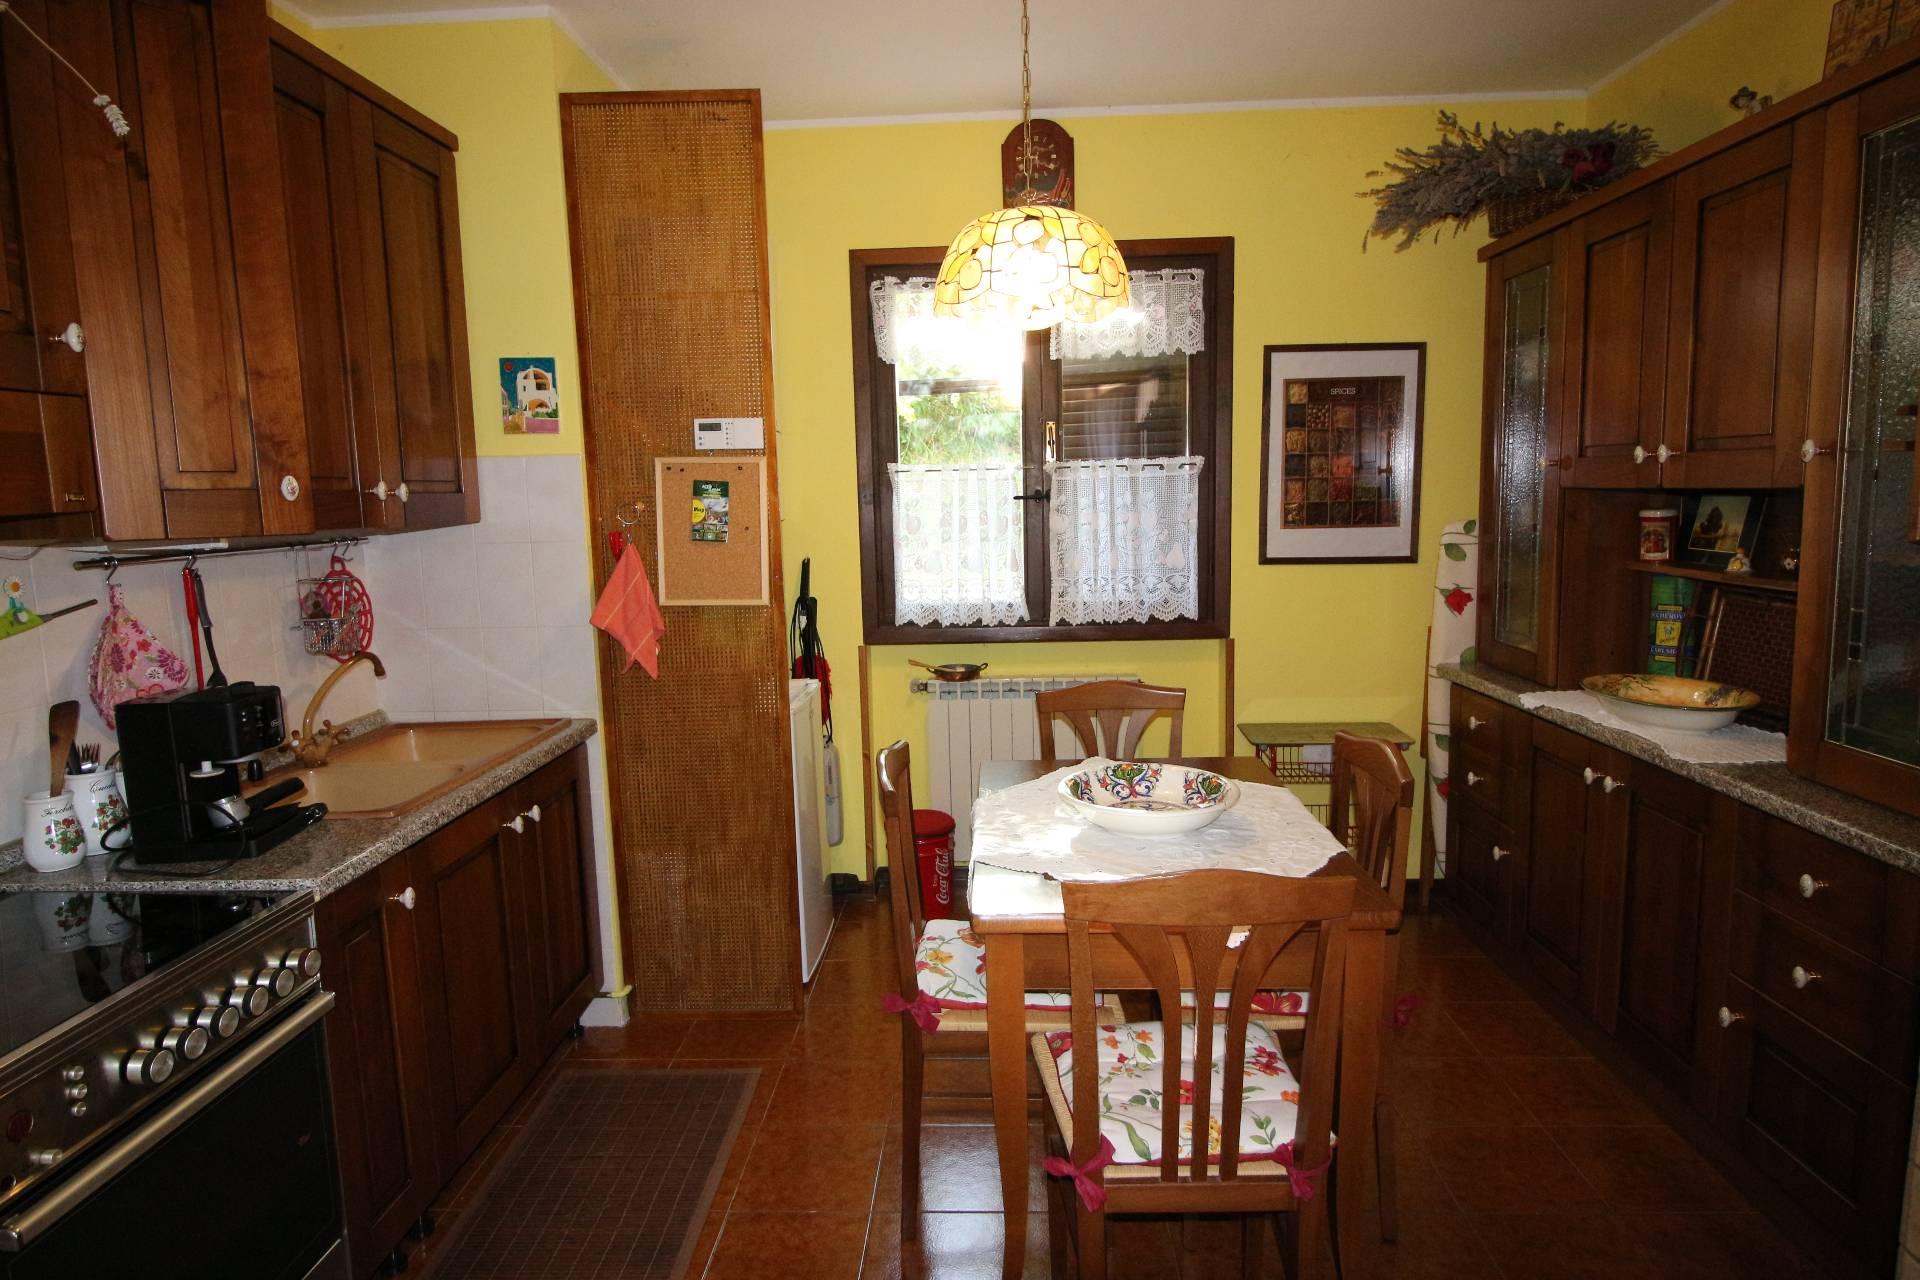 Appartamento in vendita a Fano Adriano, 2 locali, prezzo € 54.000 | CambioCasa.it